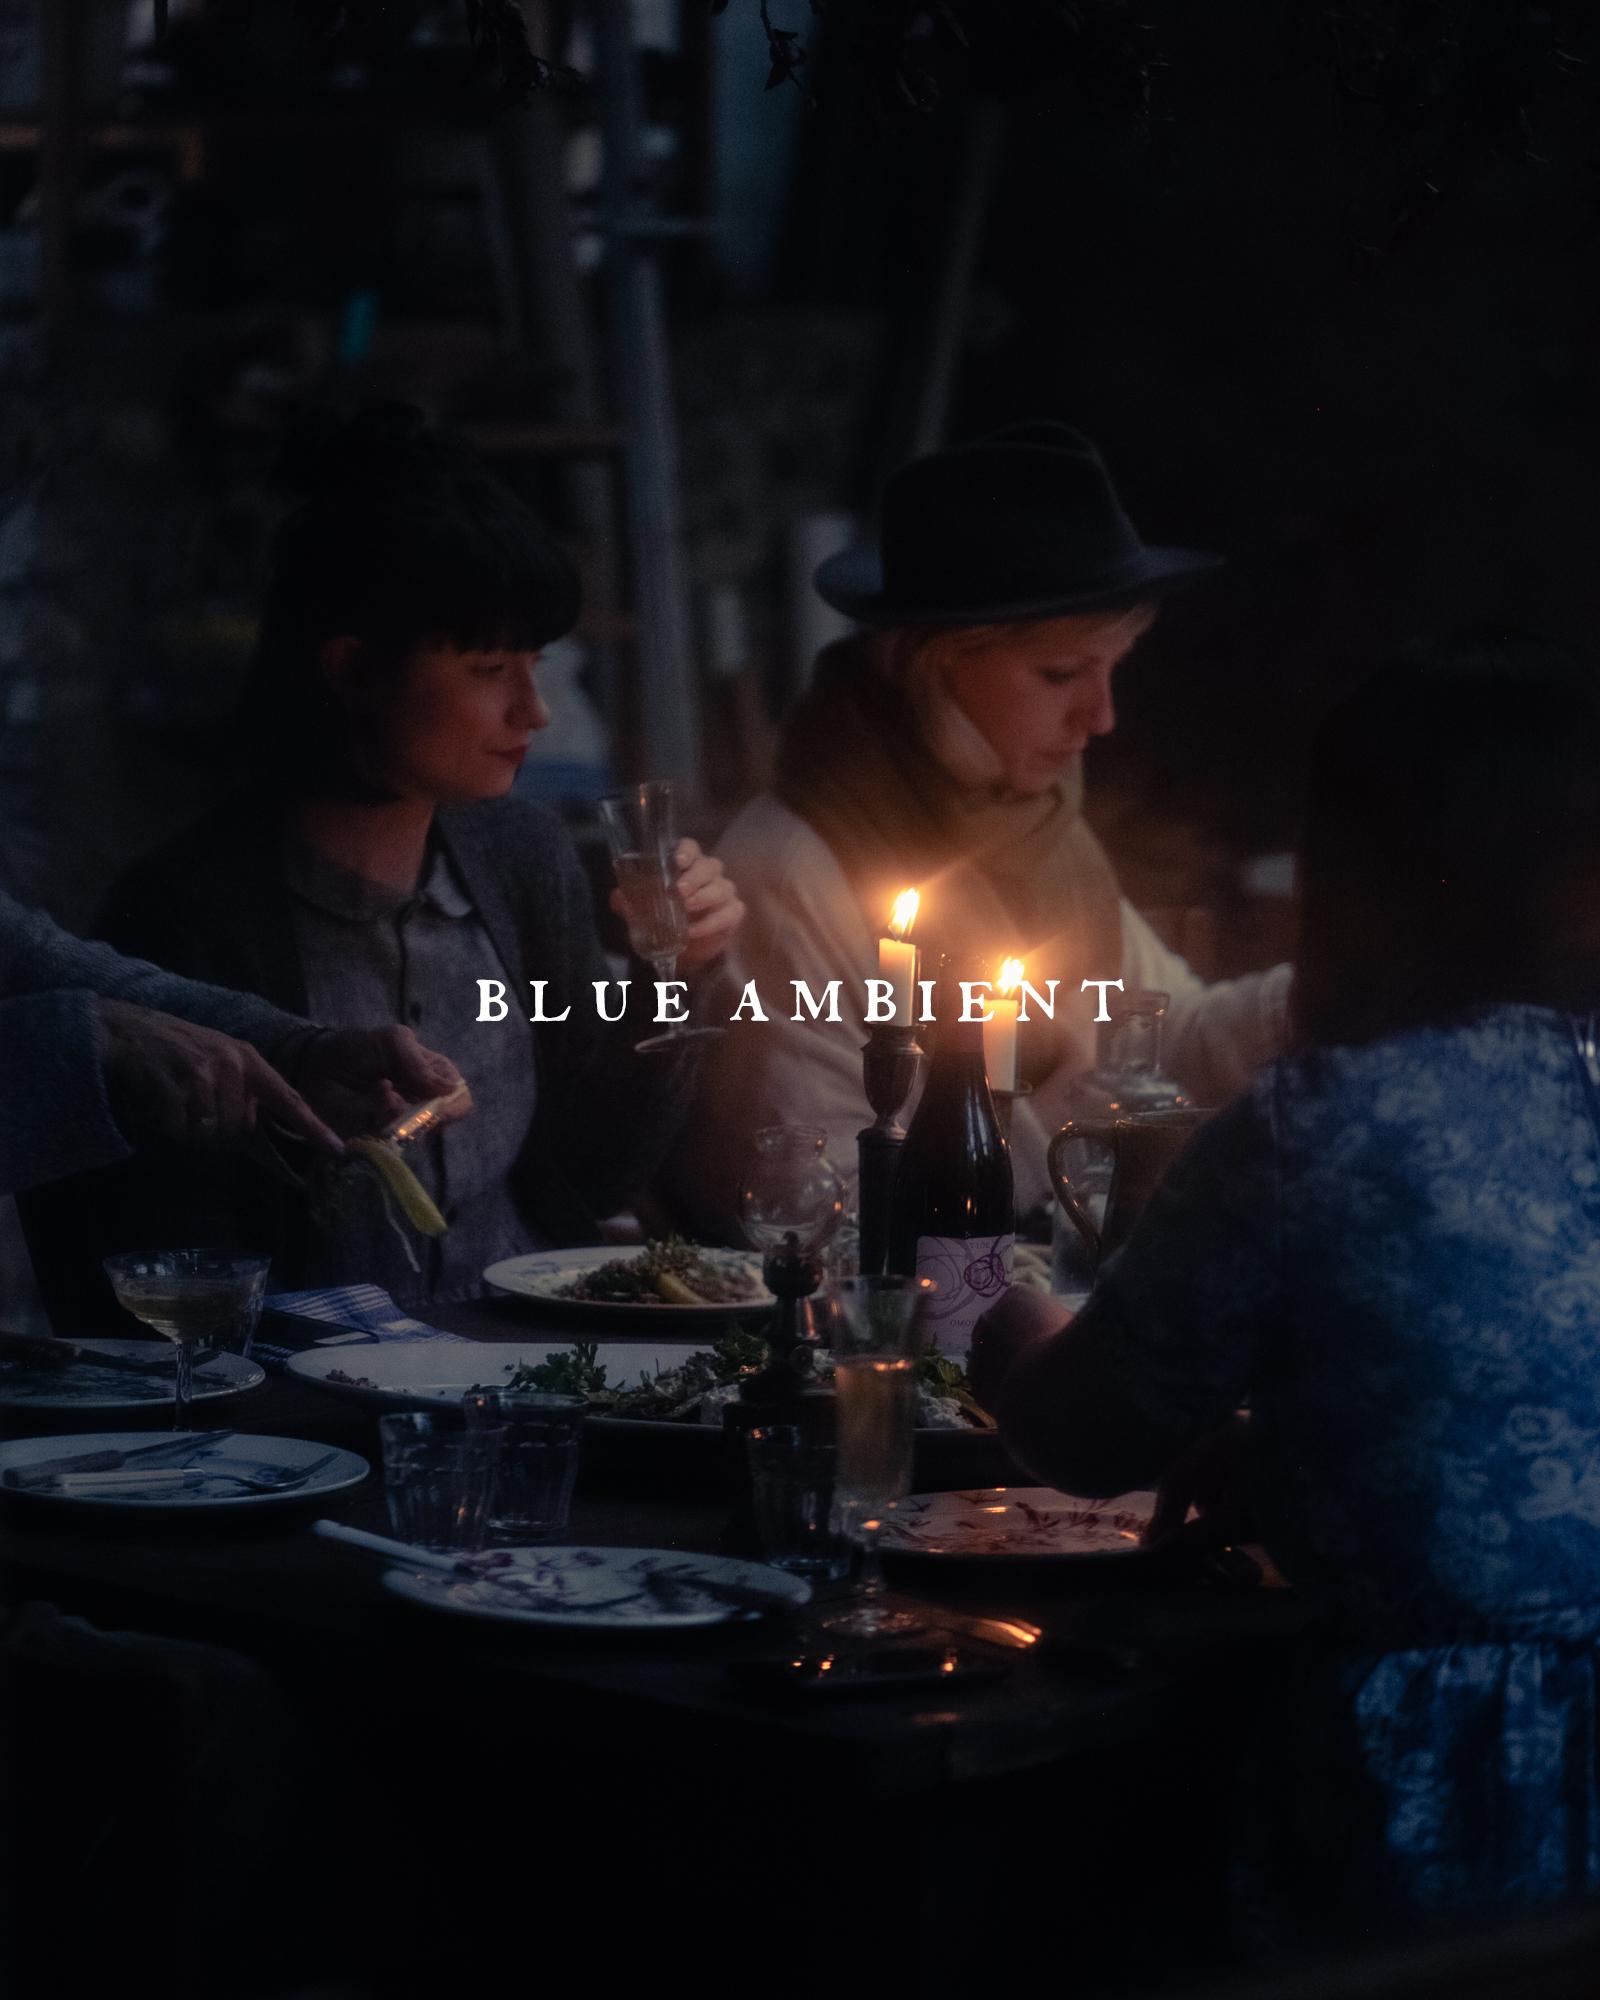 BLUE AMBIENT.jpg